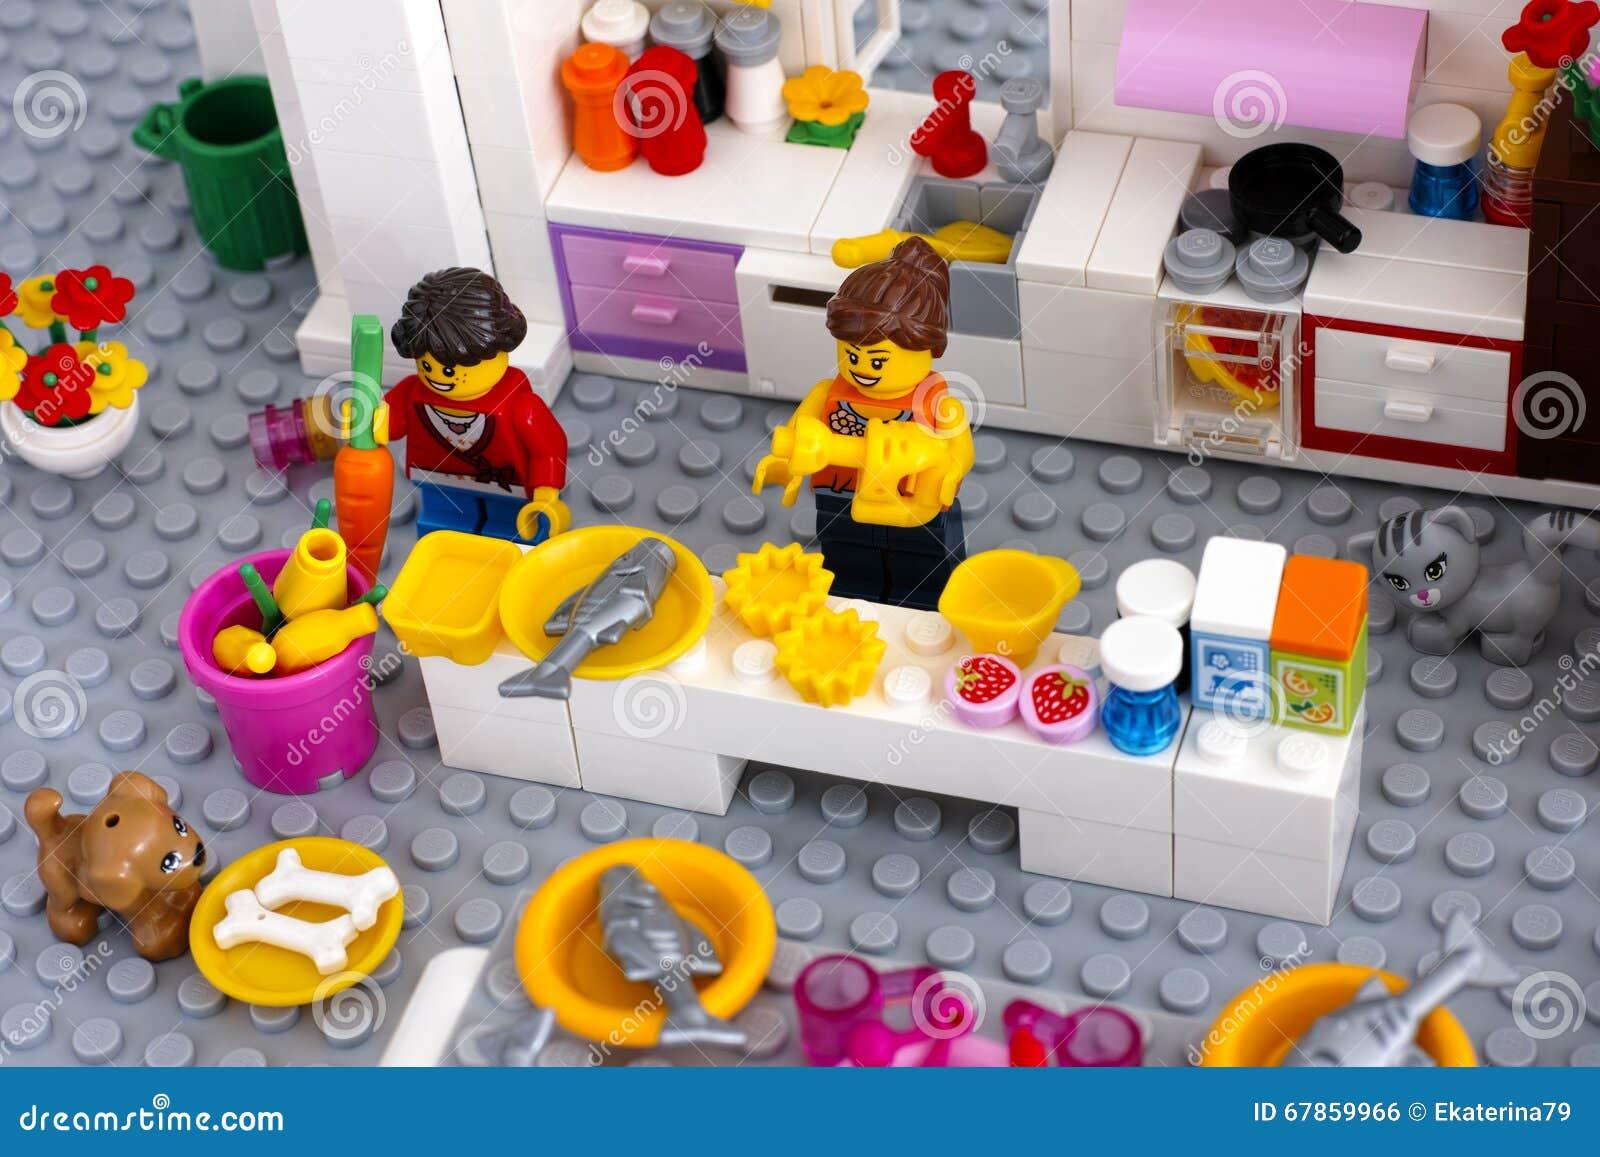 lego szene kochen des abendessens auf inl ndischer k che redaktionelles foto bild 67859966. Black Bedroom Furniture Sets. Home Design Ideas